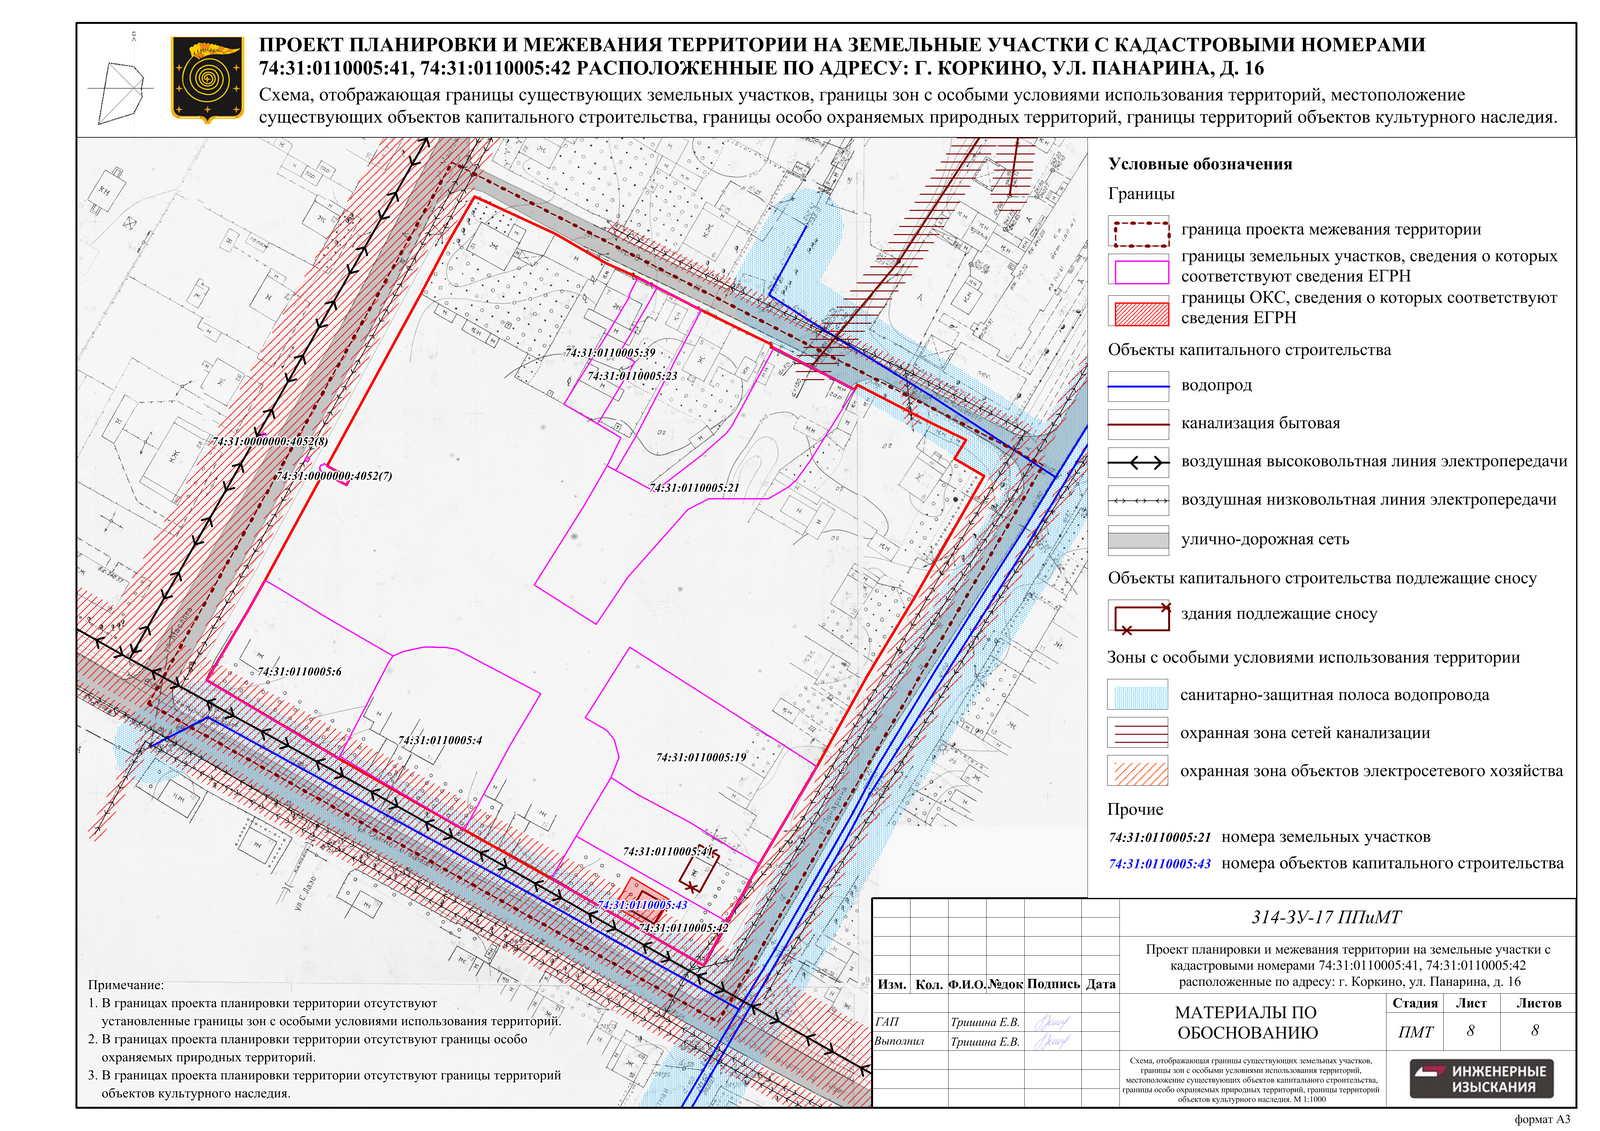 Охранная зона водопровода и канализации: сколько метров в каждую сторону